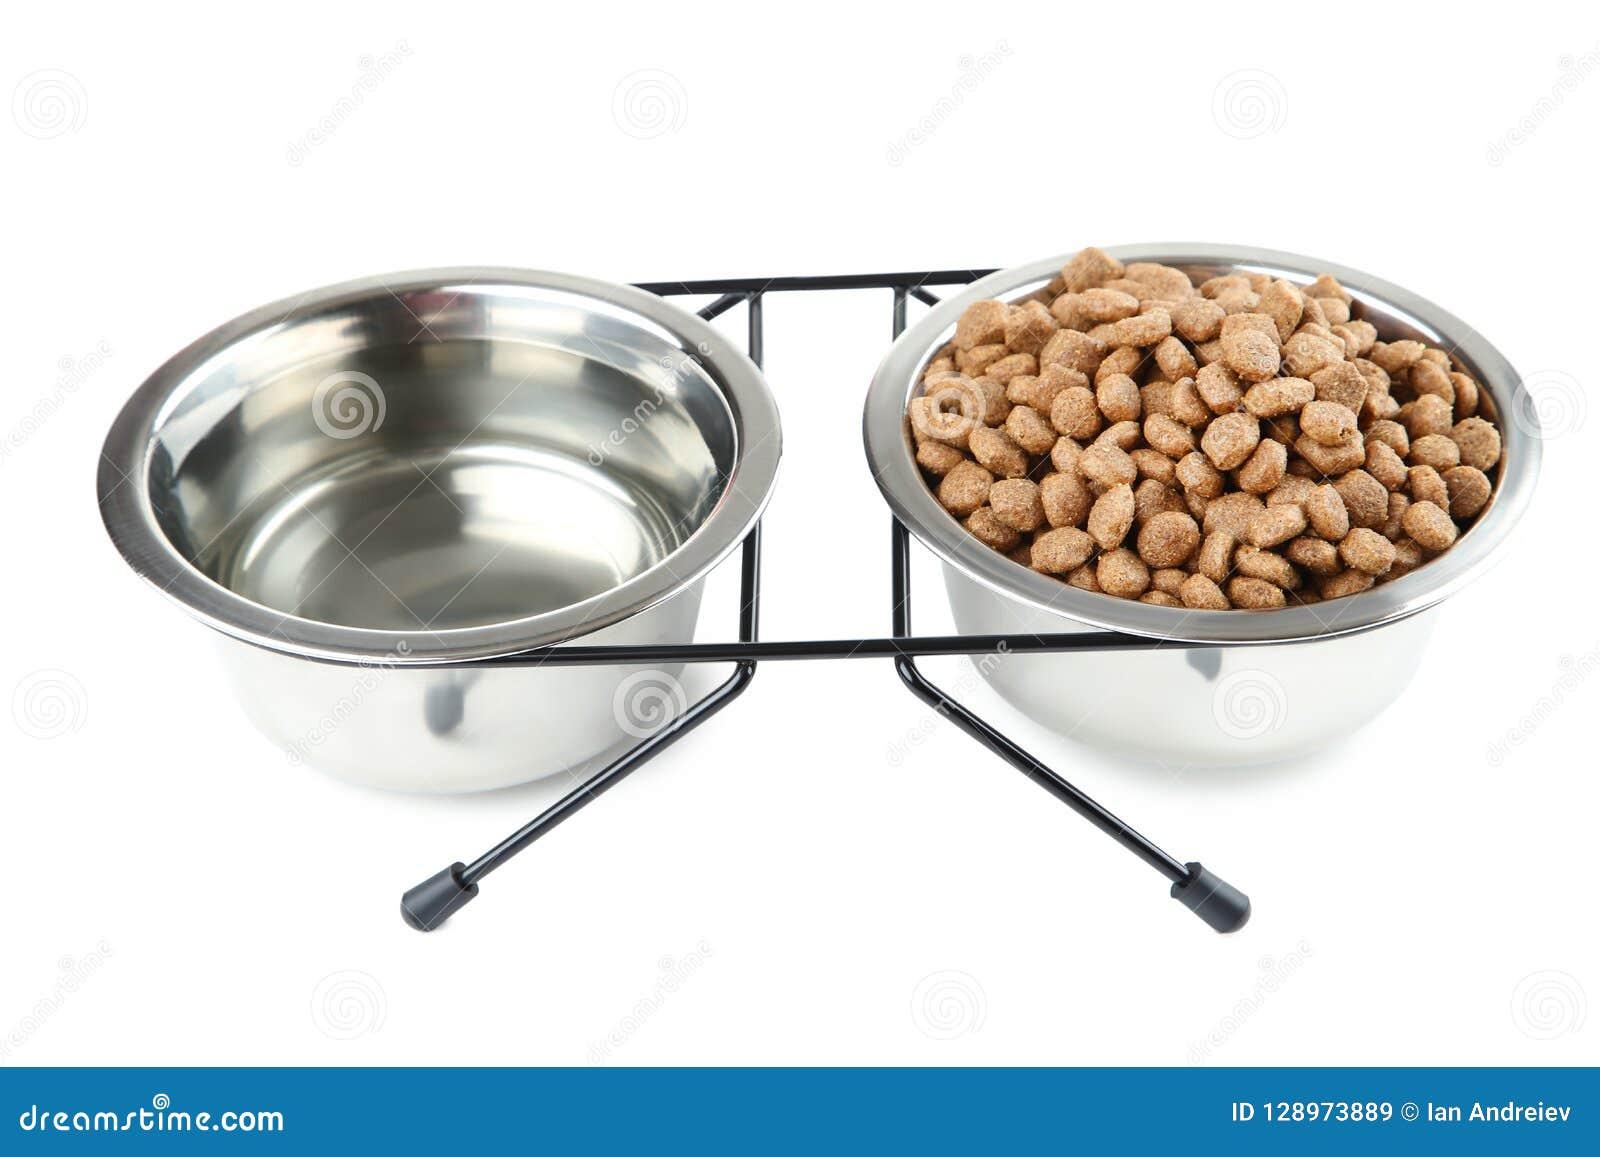 Comida para gatos y agua en cuencos